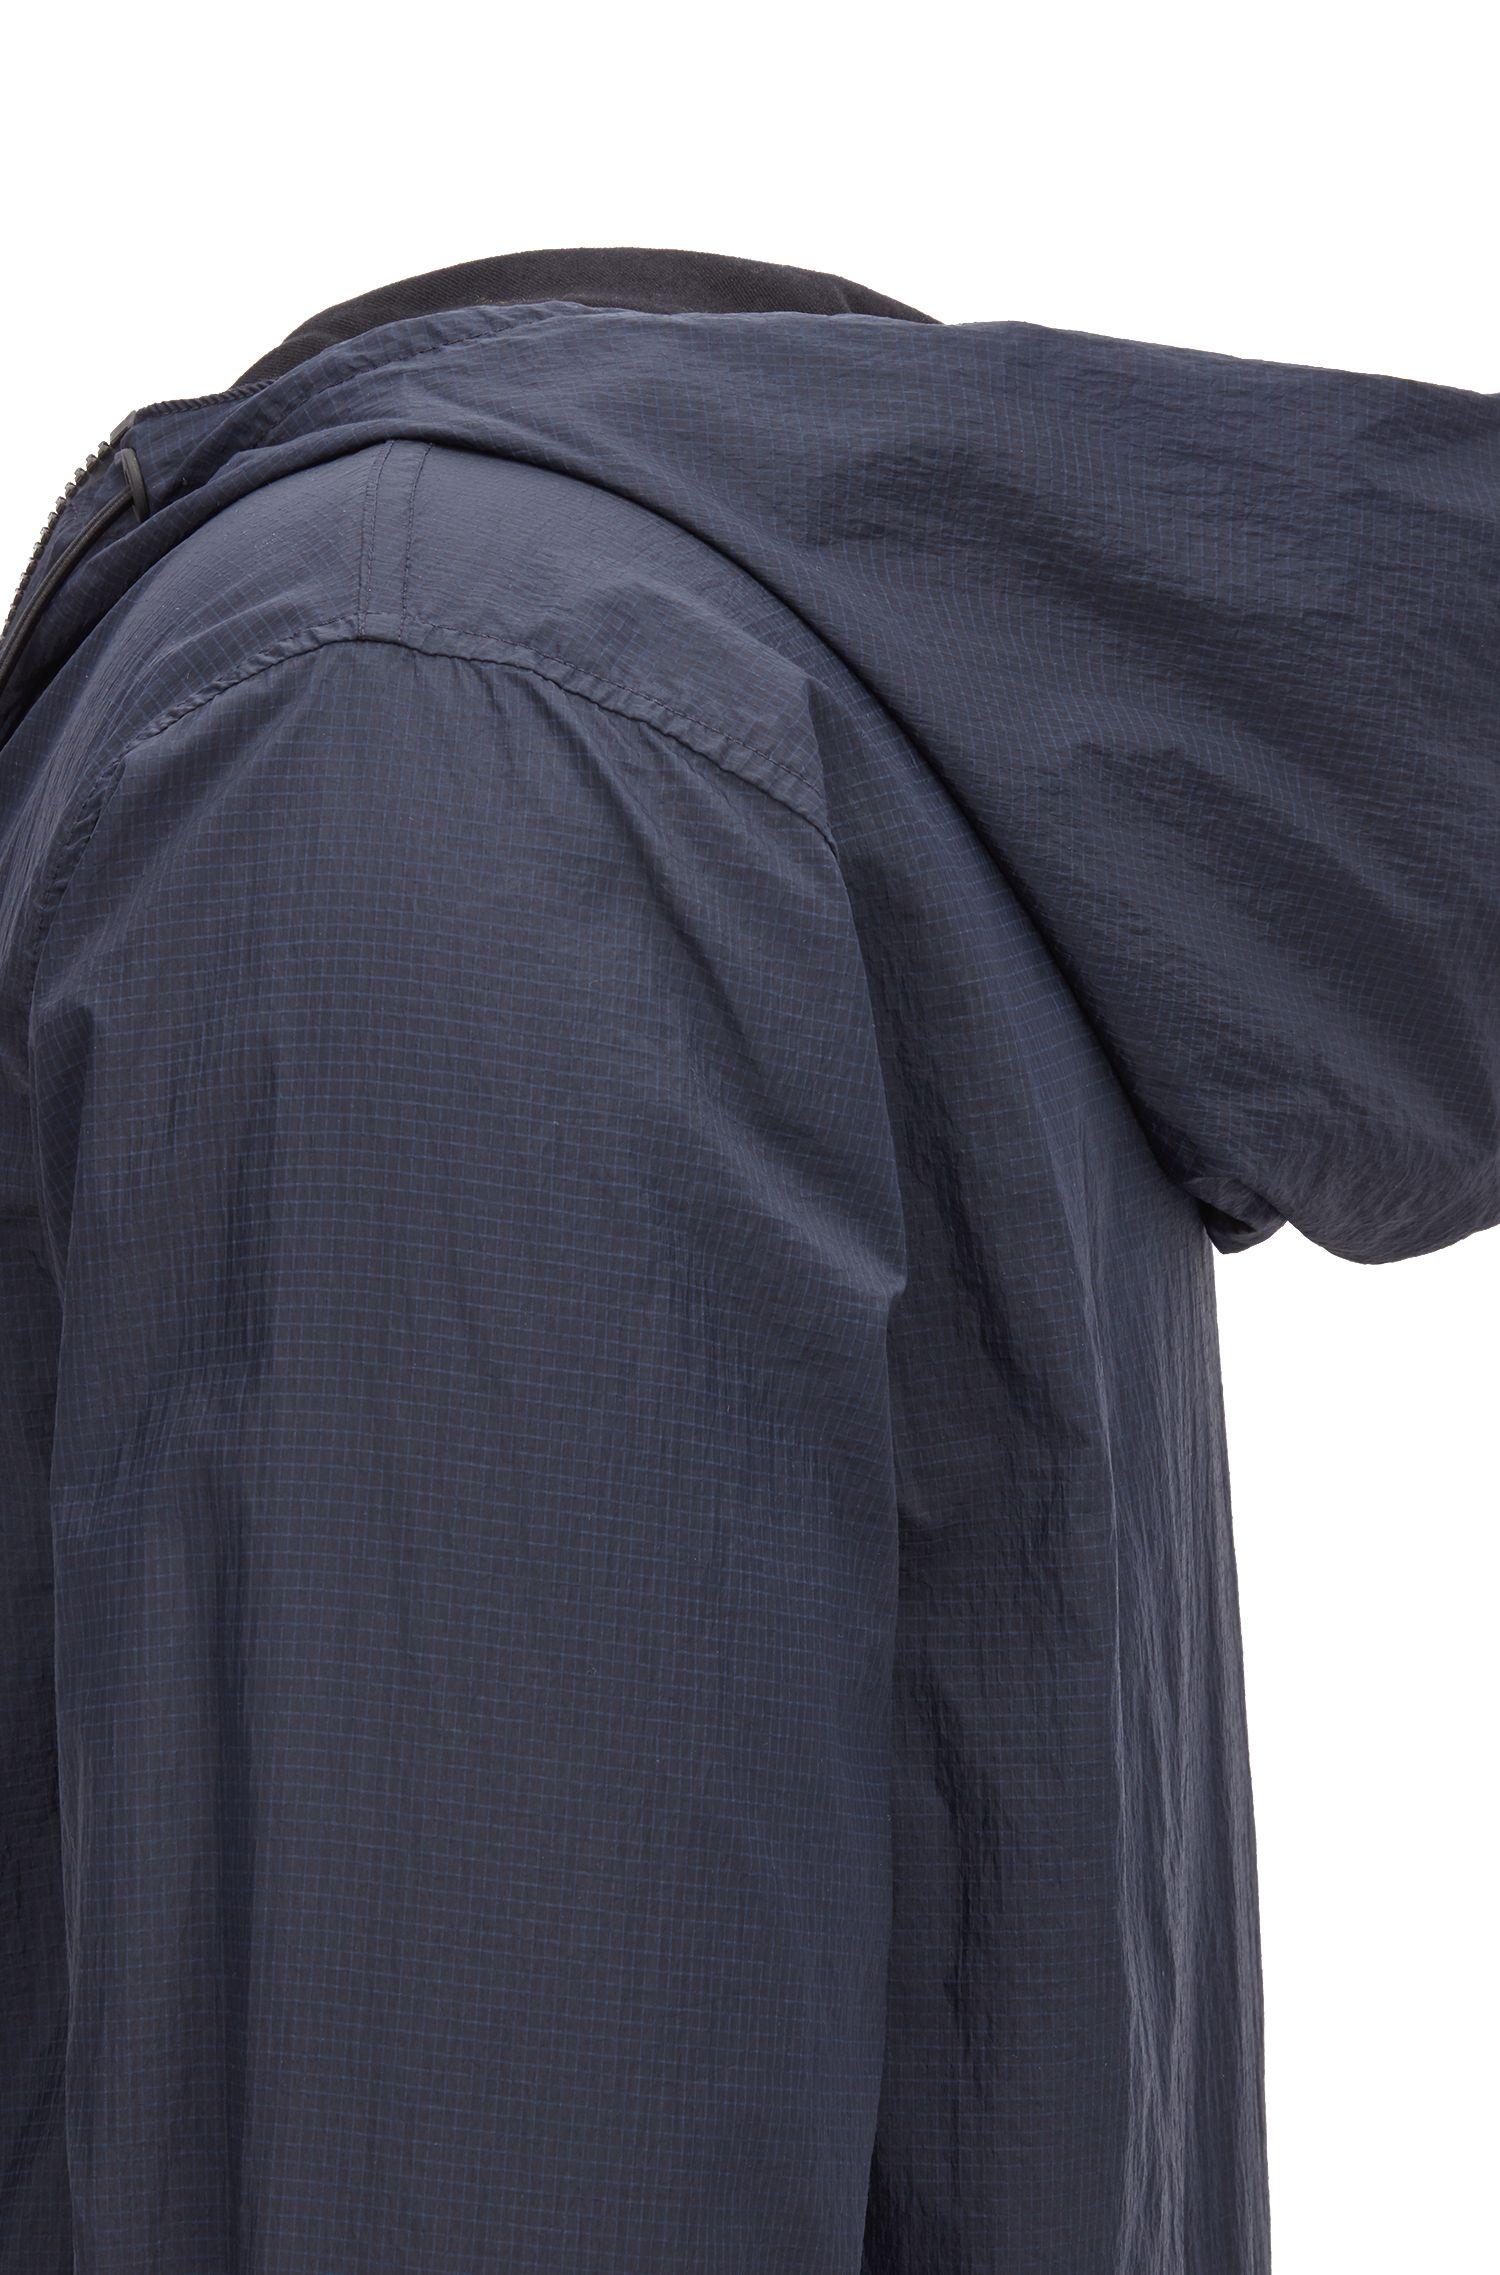 Giacca reversibile con cappuccio con cordoncino, Nero